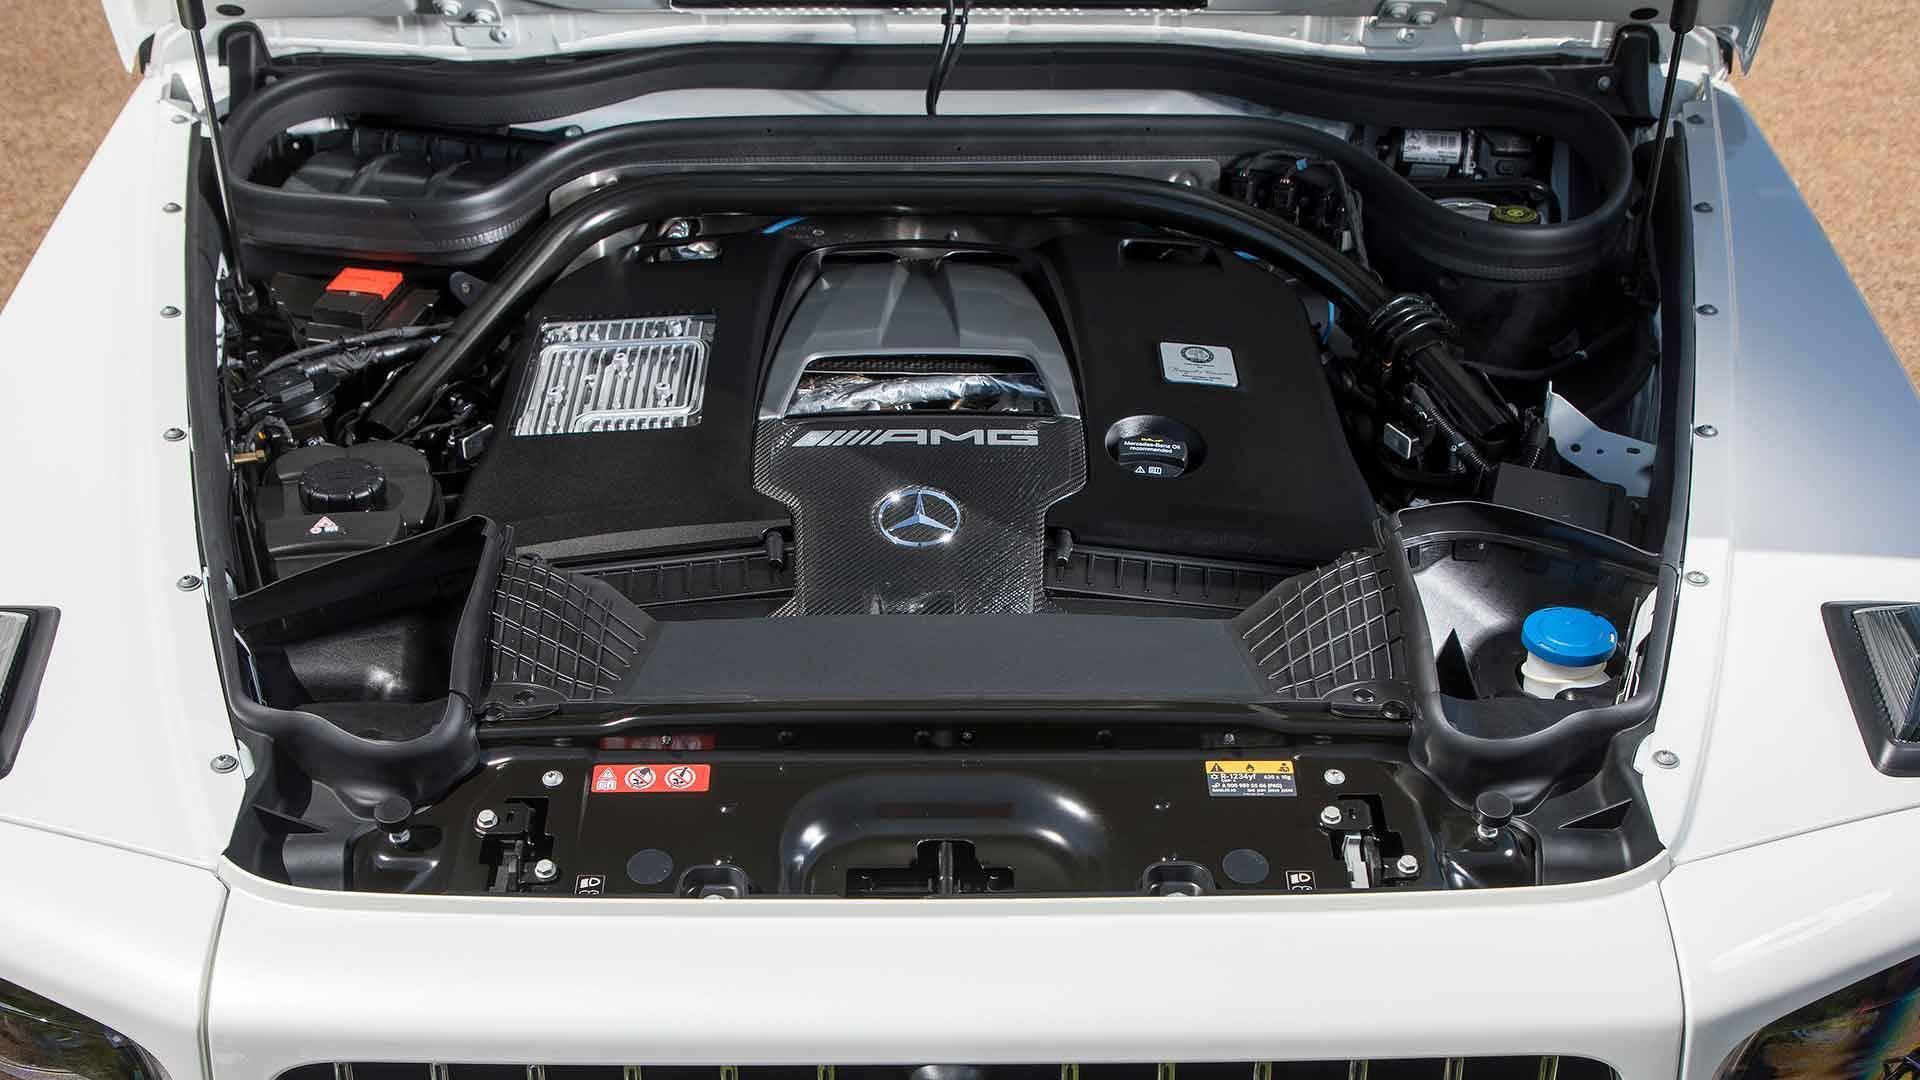 Mercedes - Benz Classe G 63 AMG 2019. Foto: Divulgação